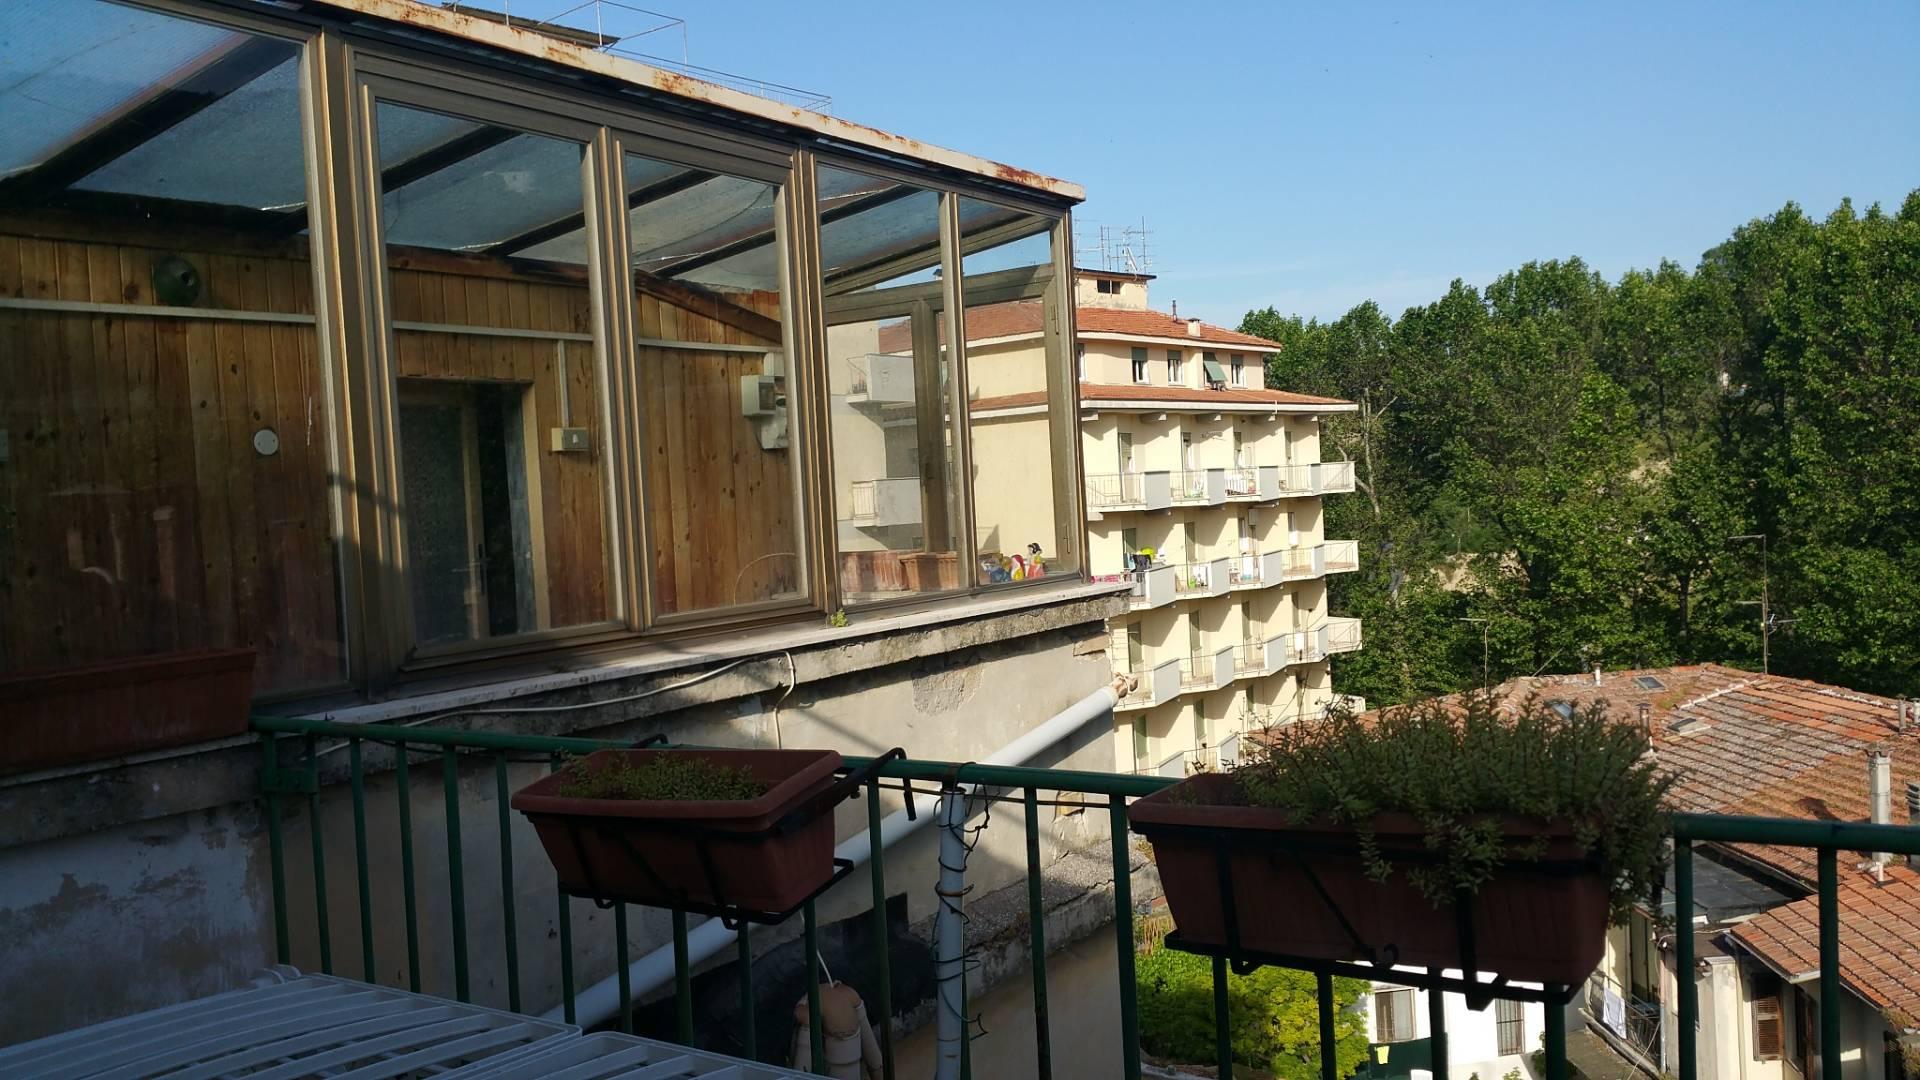 Appartamento in vendita a Ascoli Piceno, 15 locali, zona Zona: Piazzarola, prezzo € 260.000 | CambioCasa.it